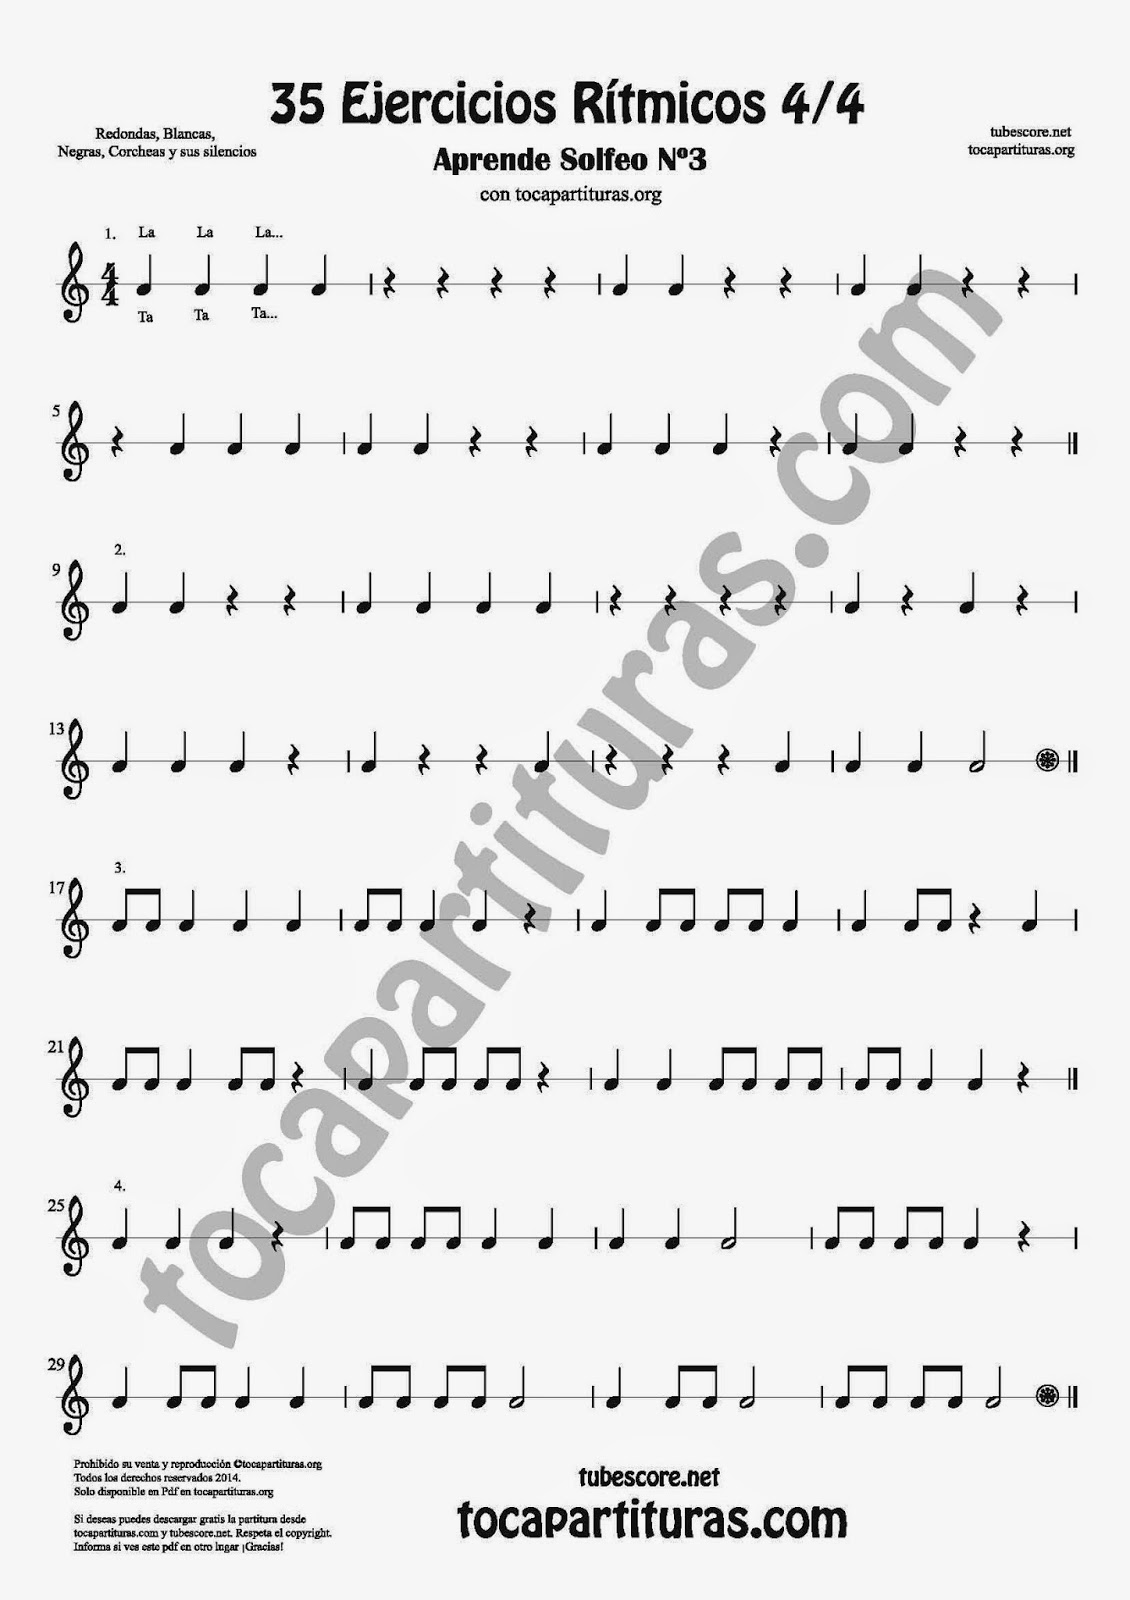 Parte 1 35 Ejercicios Rítmicos para Aprender Solfeo Negras, corcheas, blancas y sus Silencios Compás 4x4 cuatro tiempos Sheet Music for quarter notes, half notes, 1/8 notes and silences